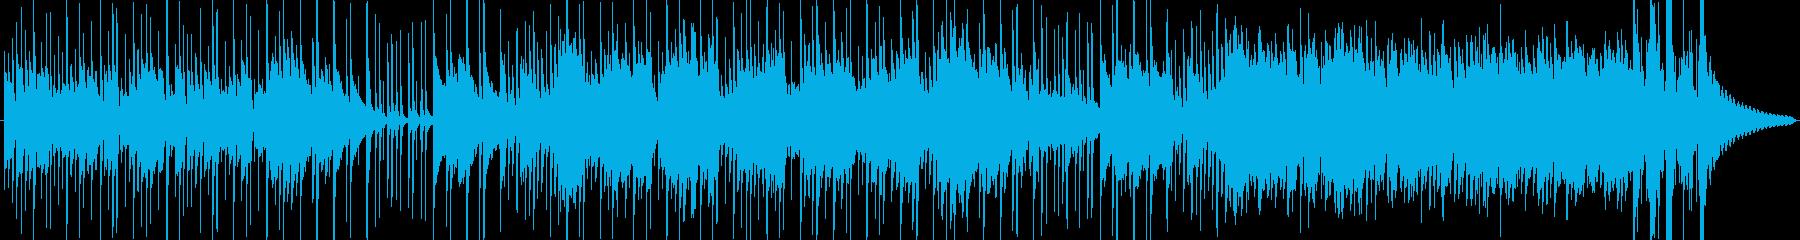 ポップスでドラマチックな曲の再生済みの波形